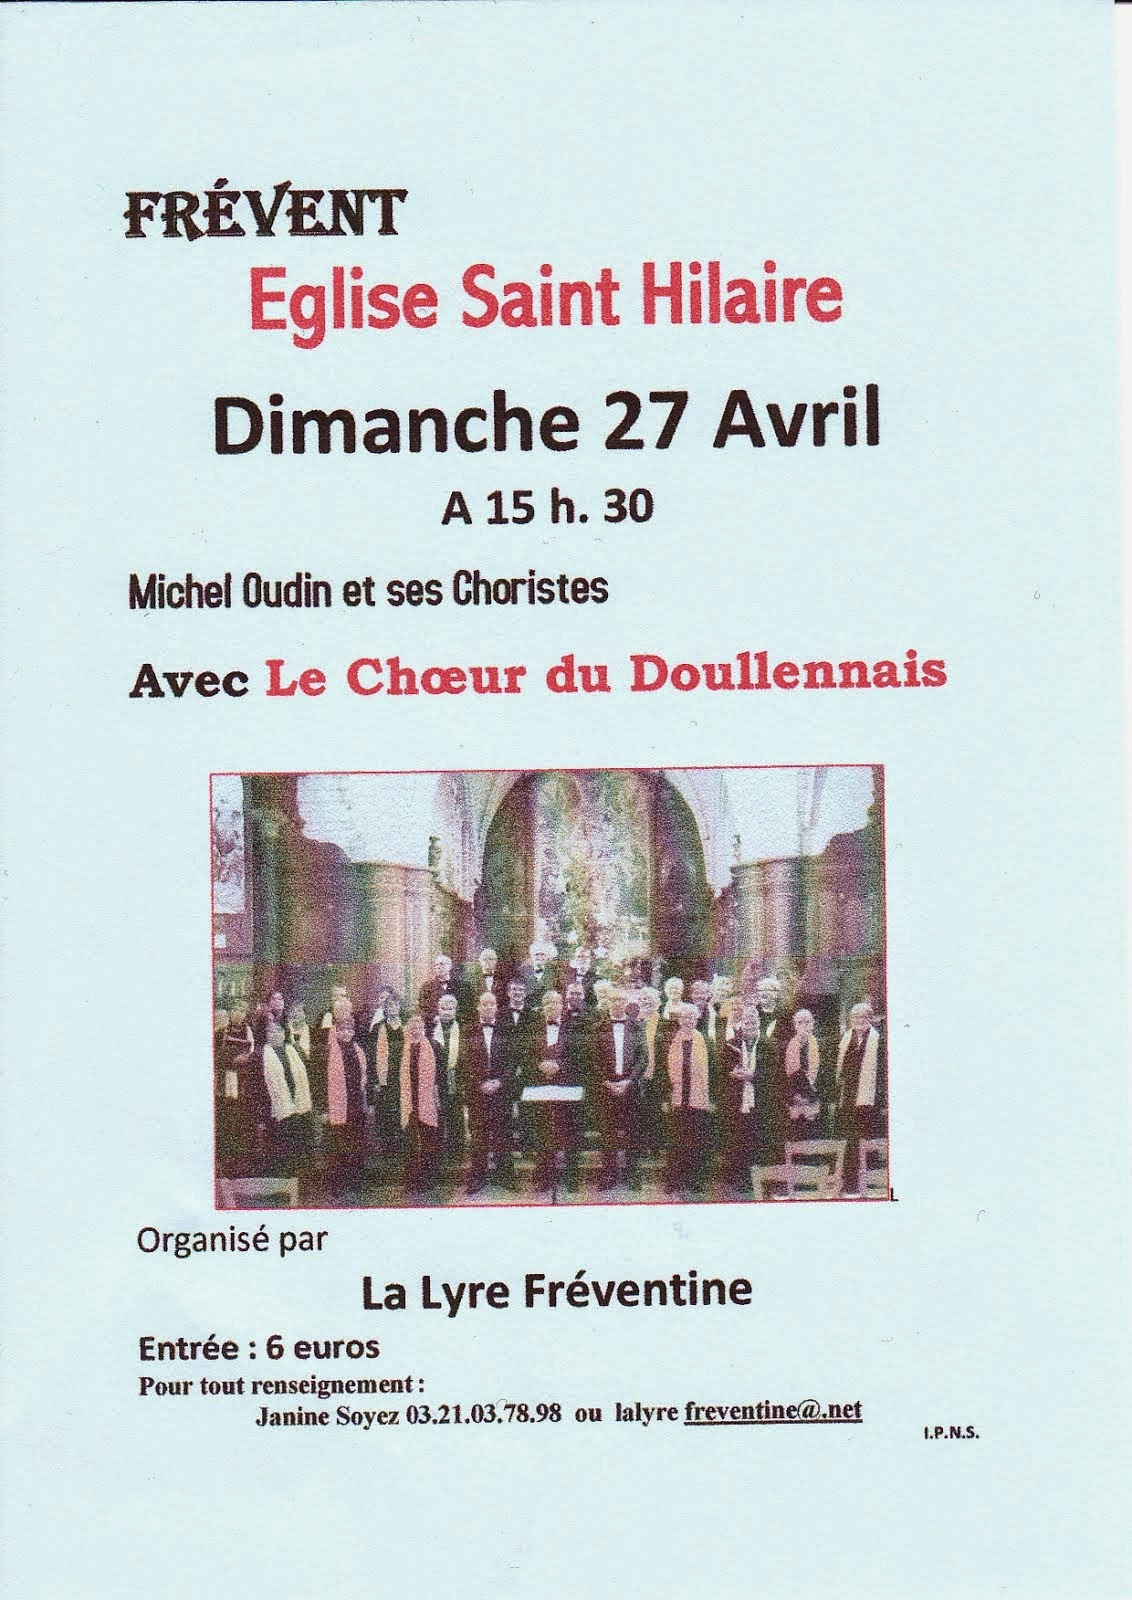 Concert à Frévent le 27 Avril 2014